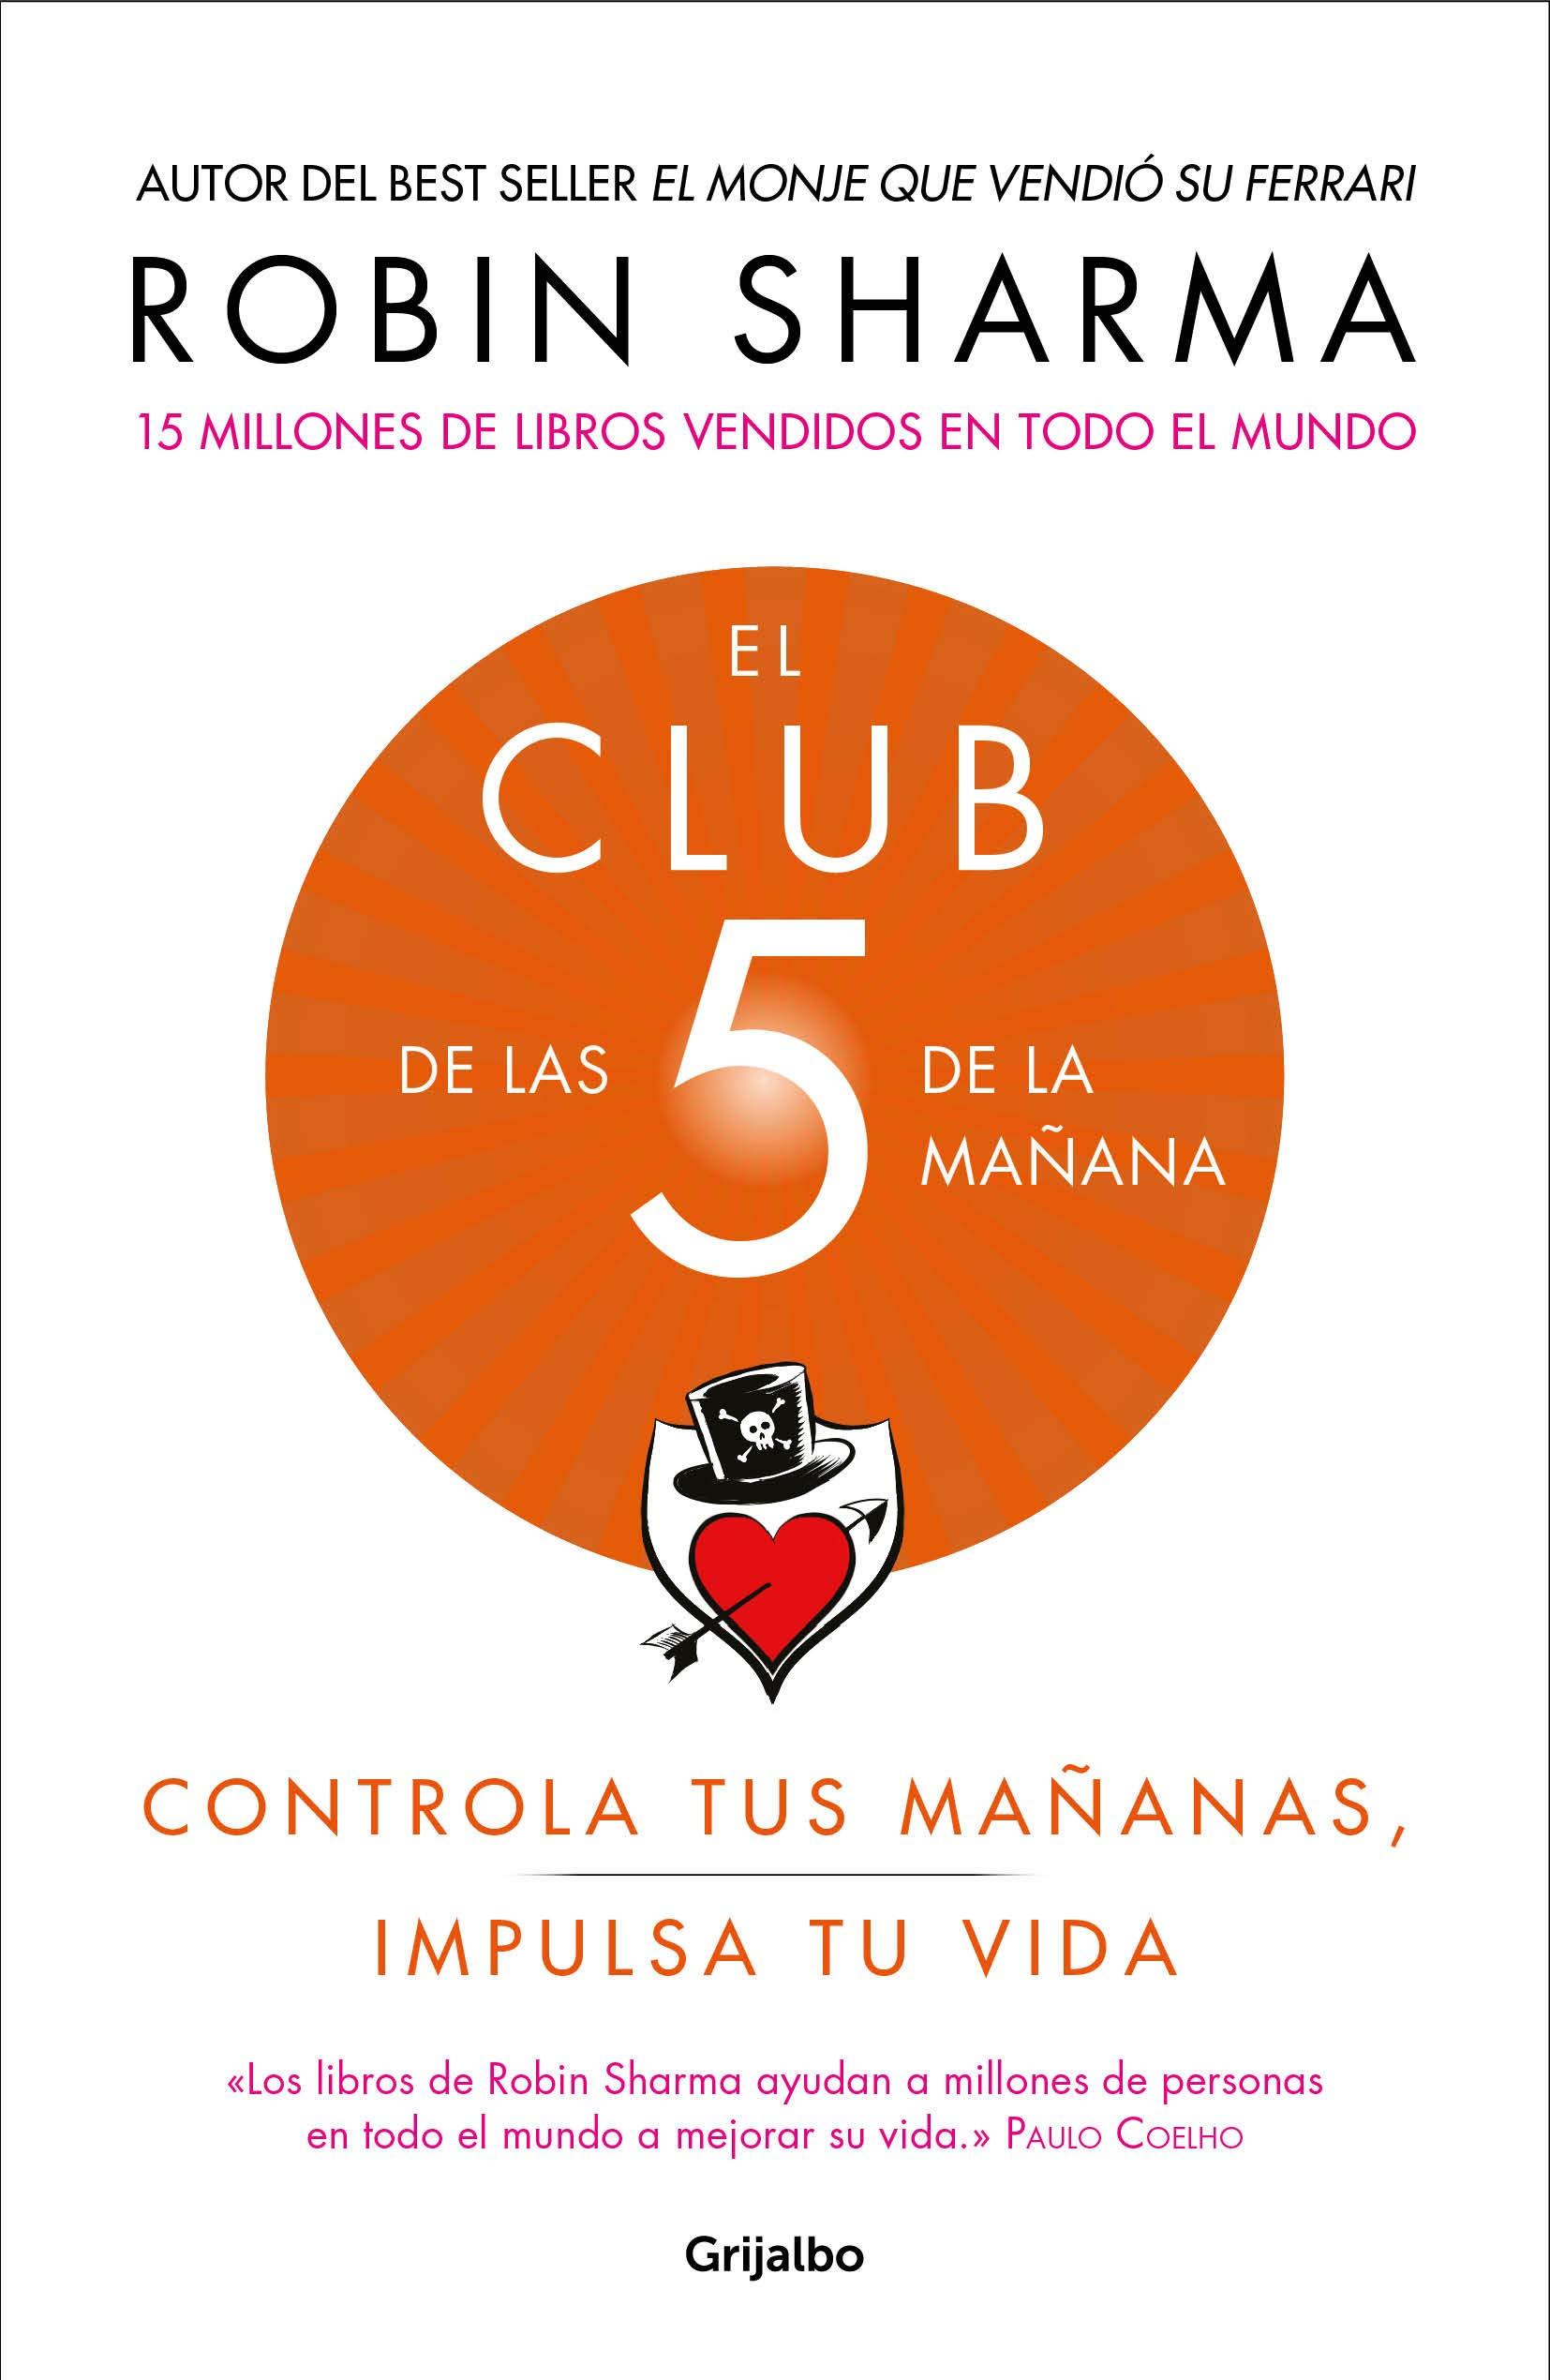 El Club De Las 5 De La Mañana Controla Tus Mañanas Impulsa Tu Vida